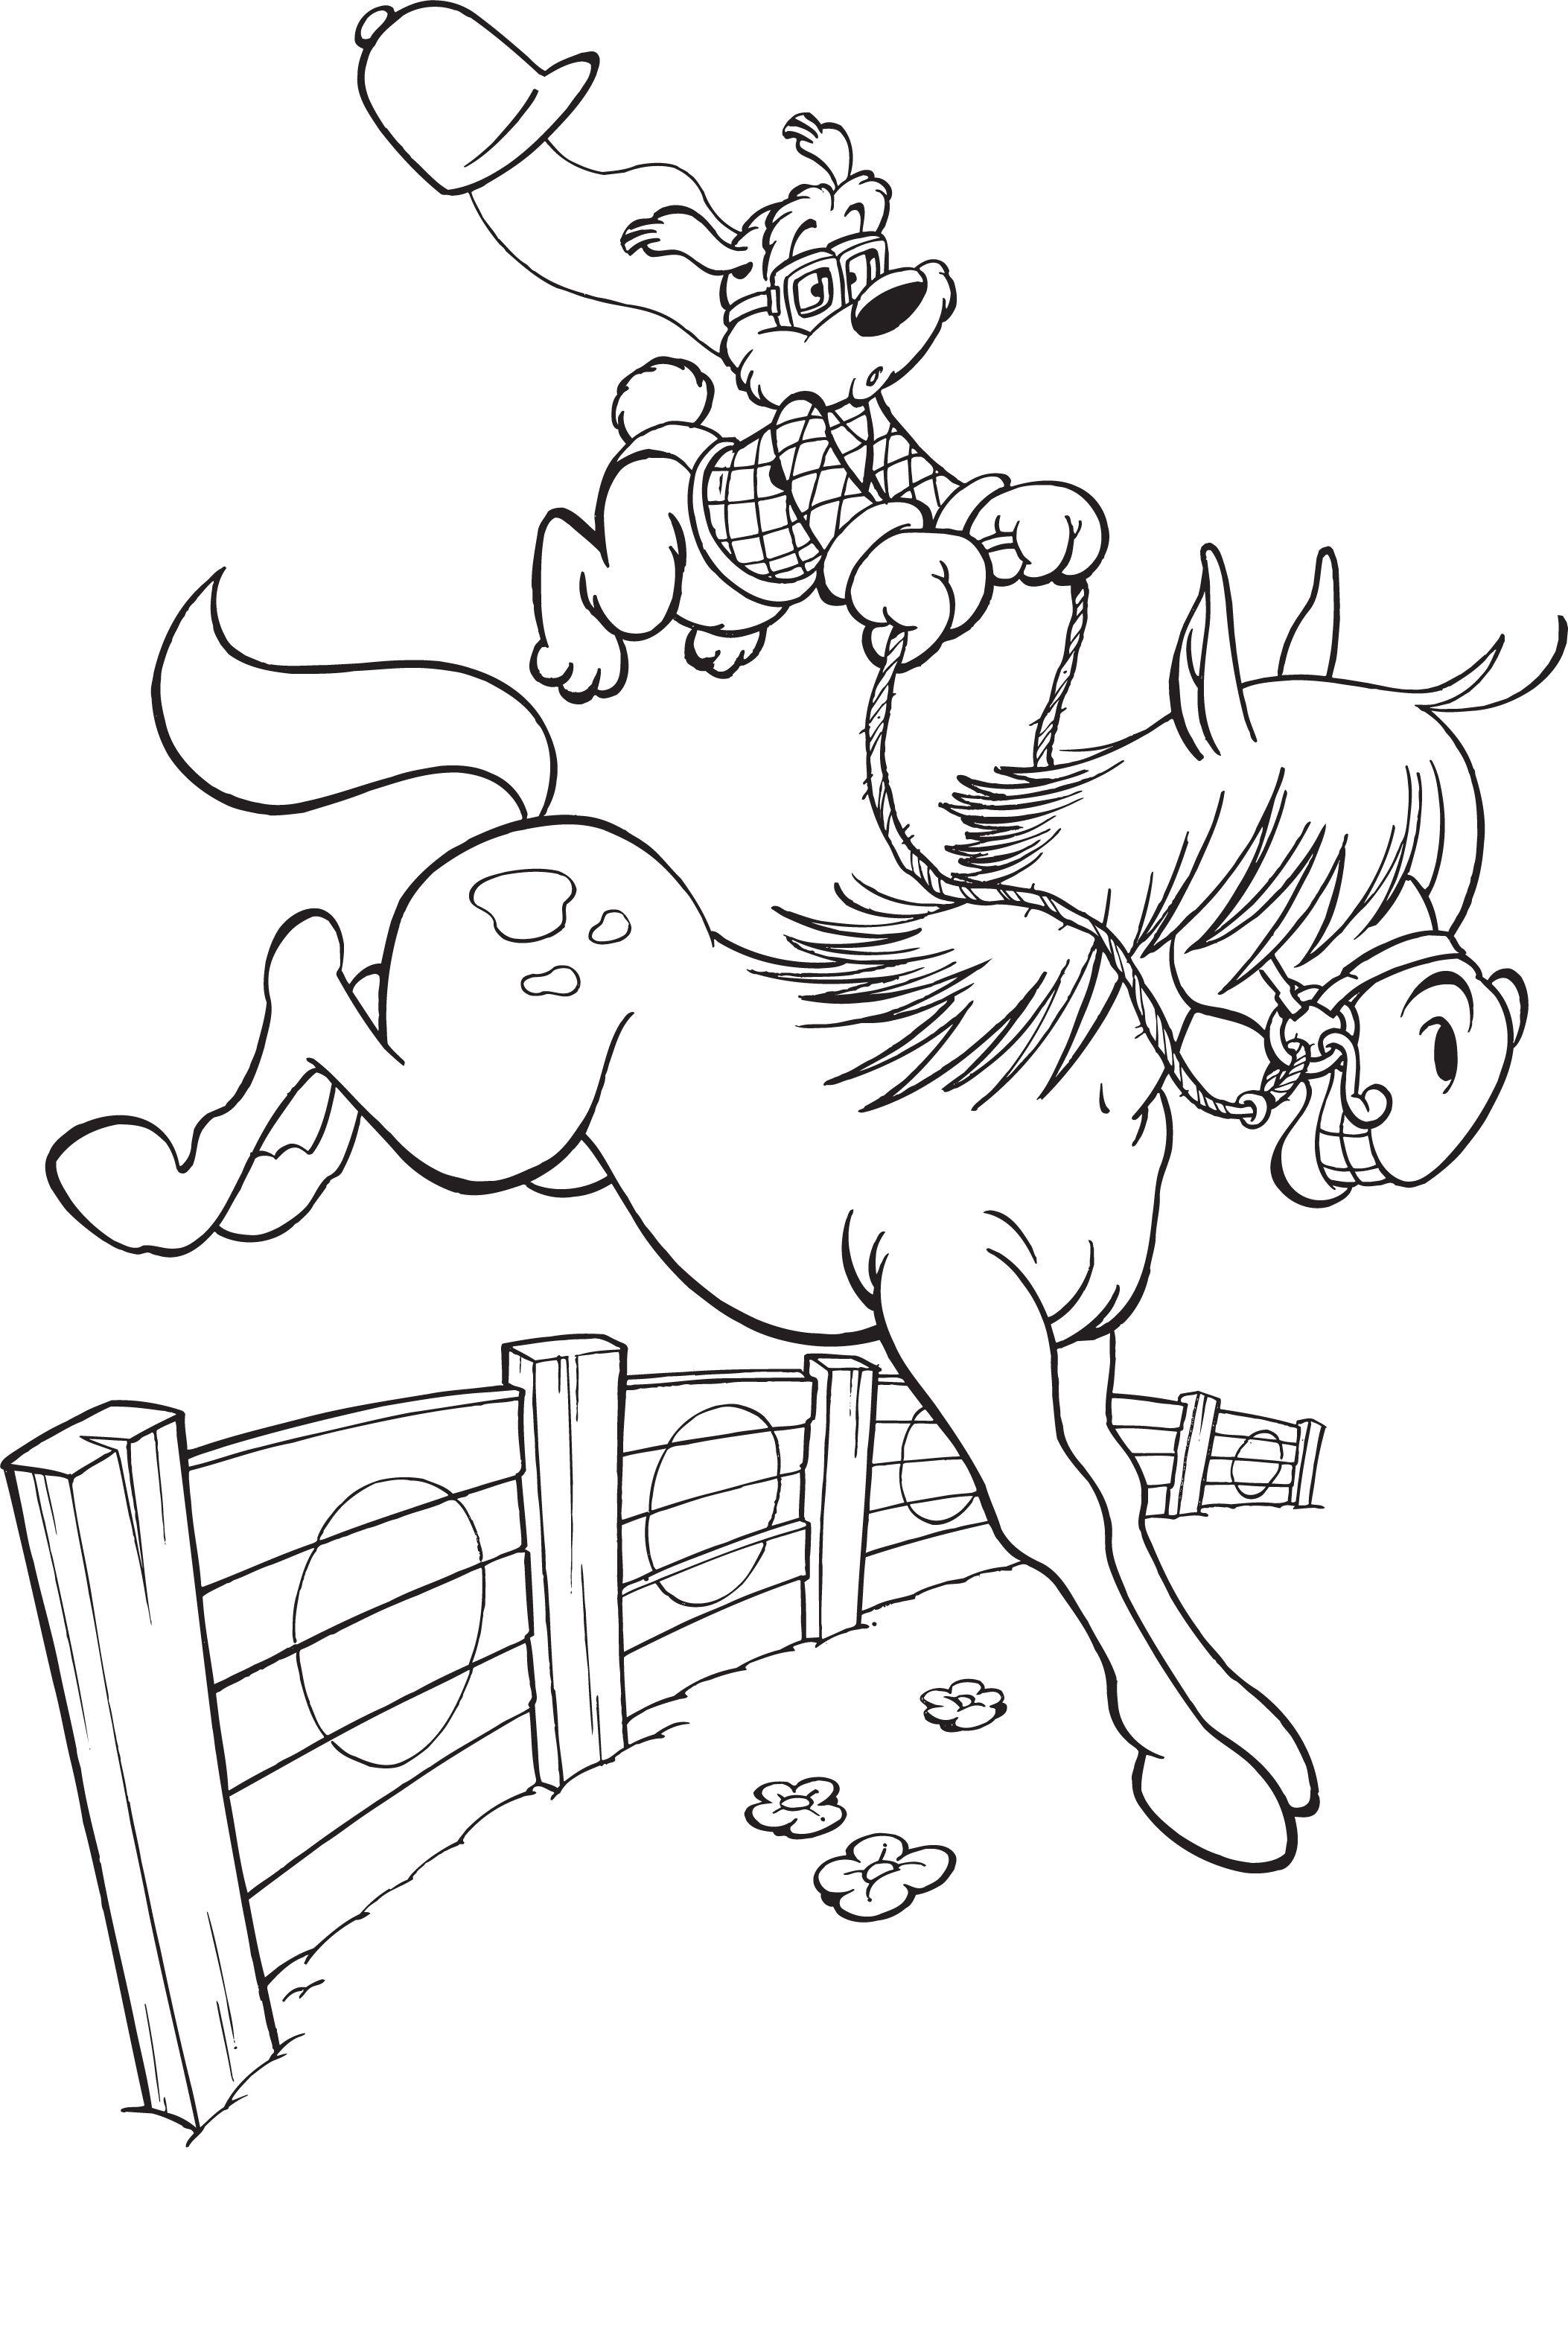 Kleurplaten Love Paarden.Kleurplaat Paard Spring